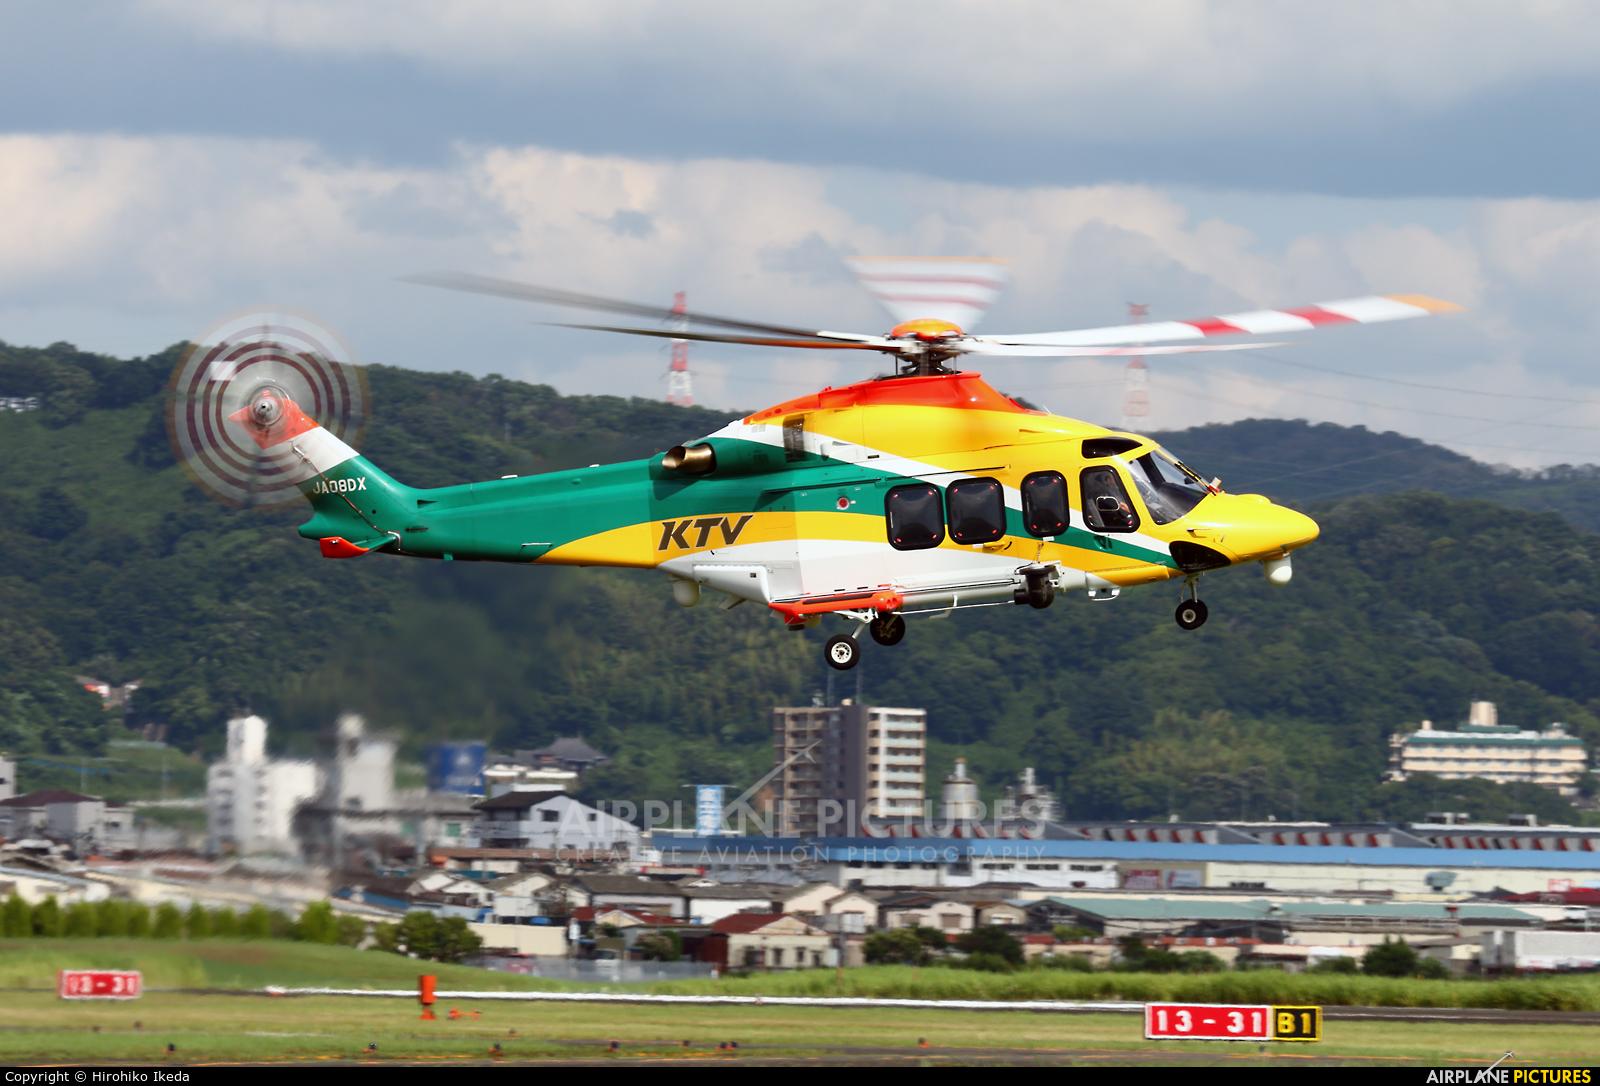 Aero Asahi JA08DX aircraft at Yao